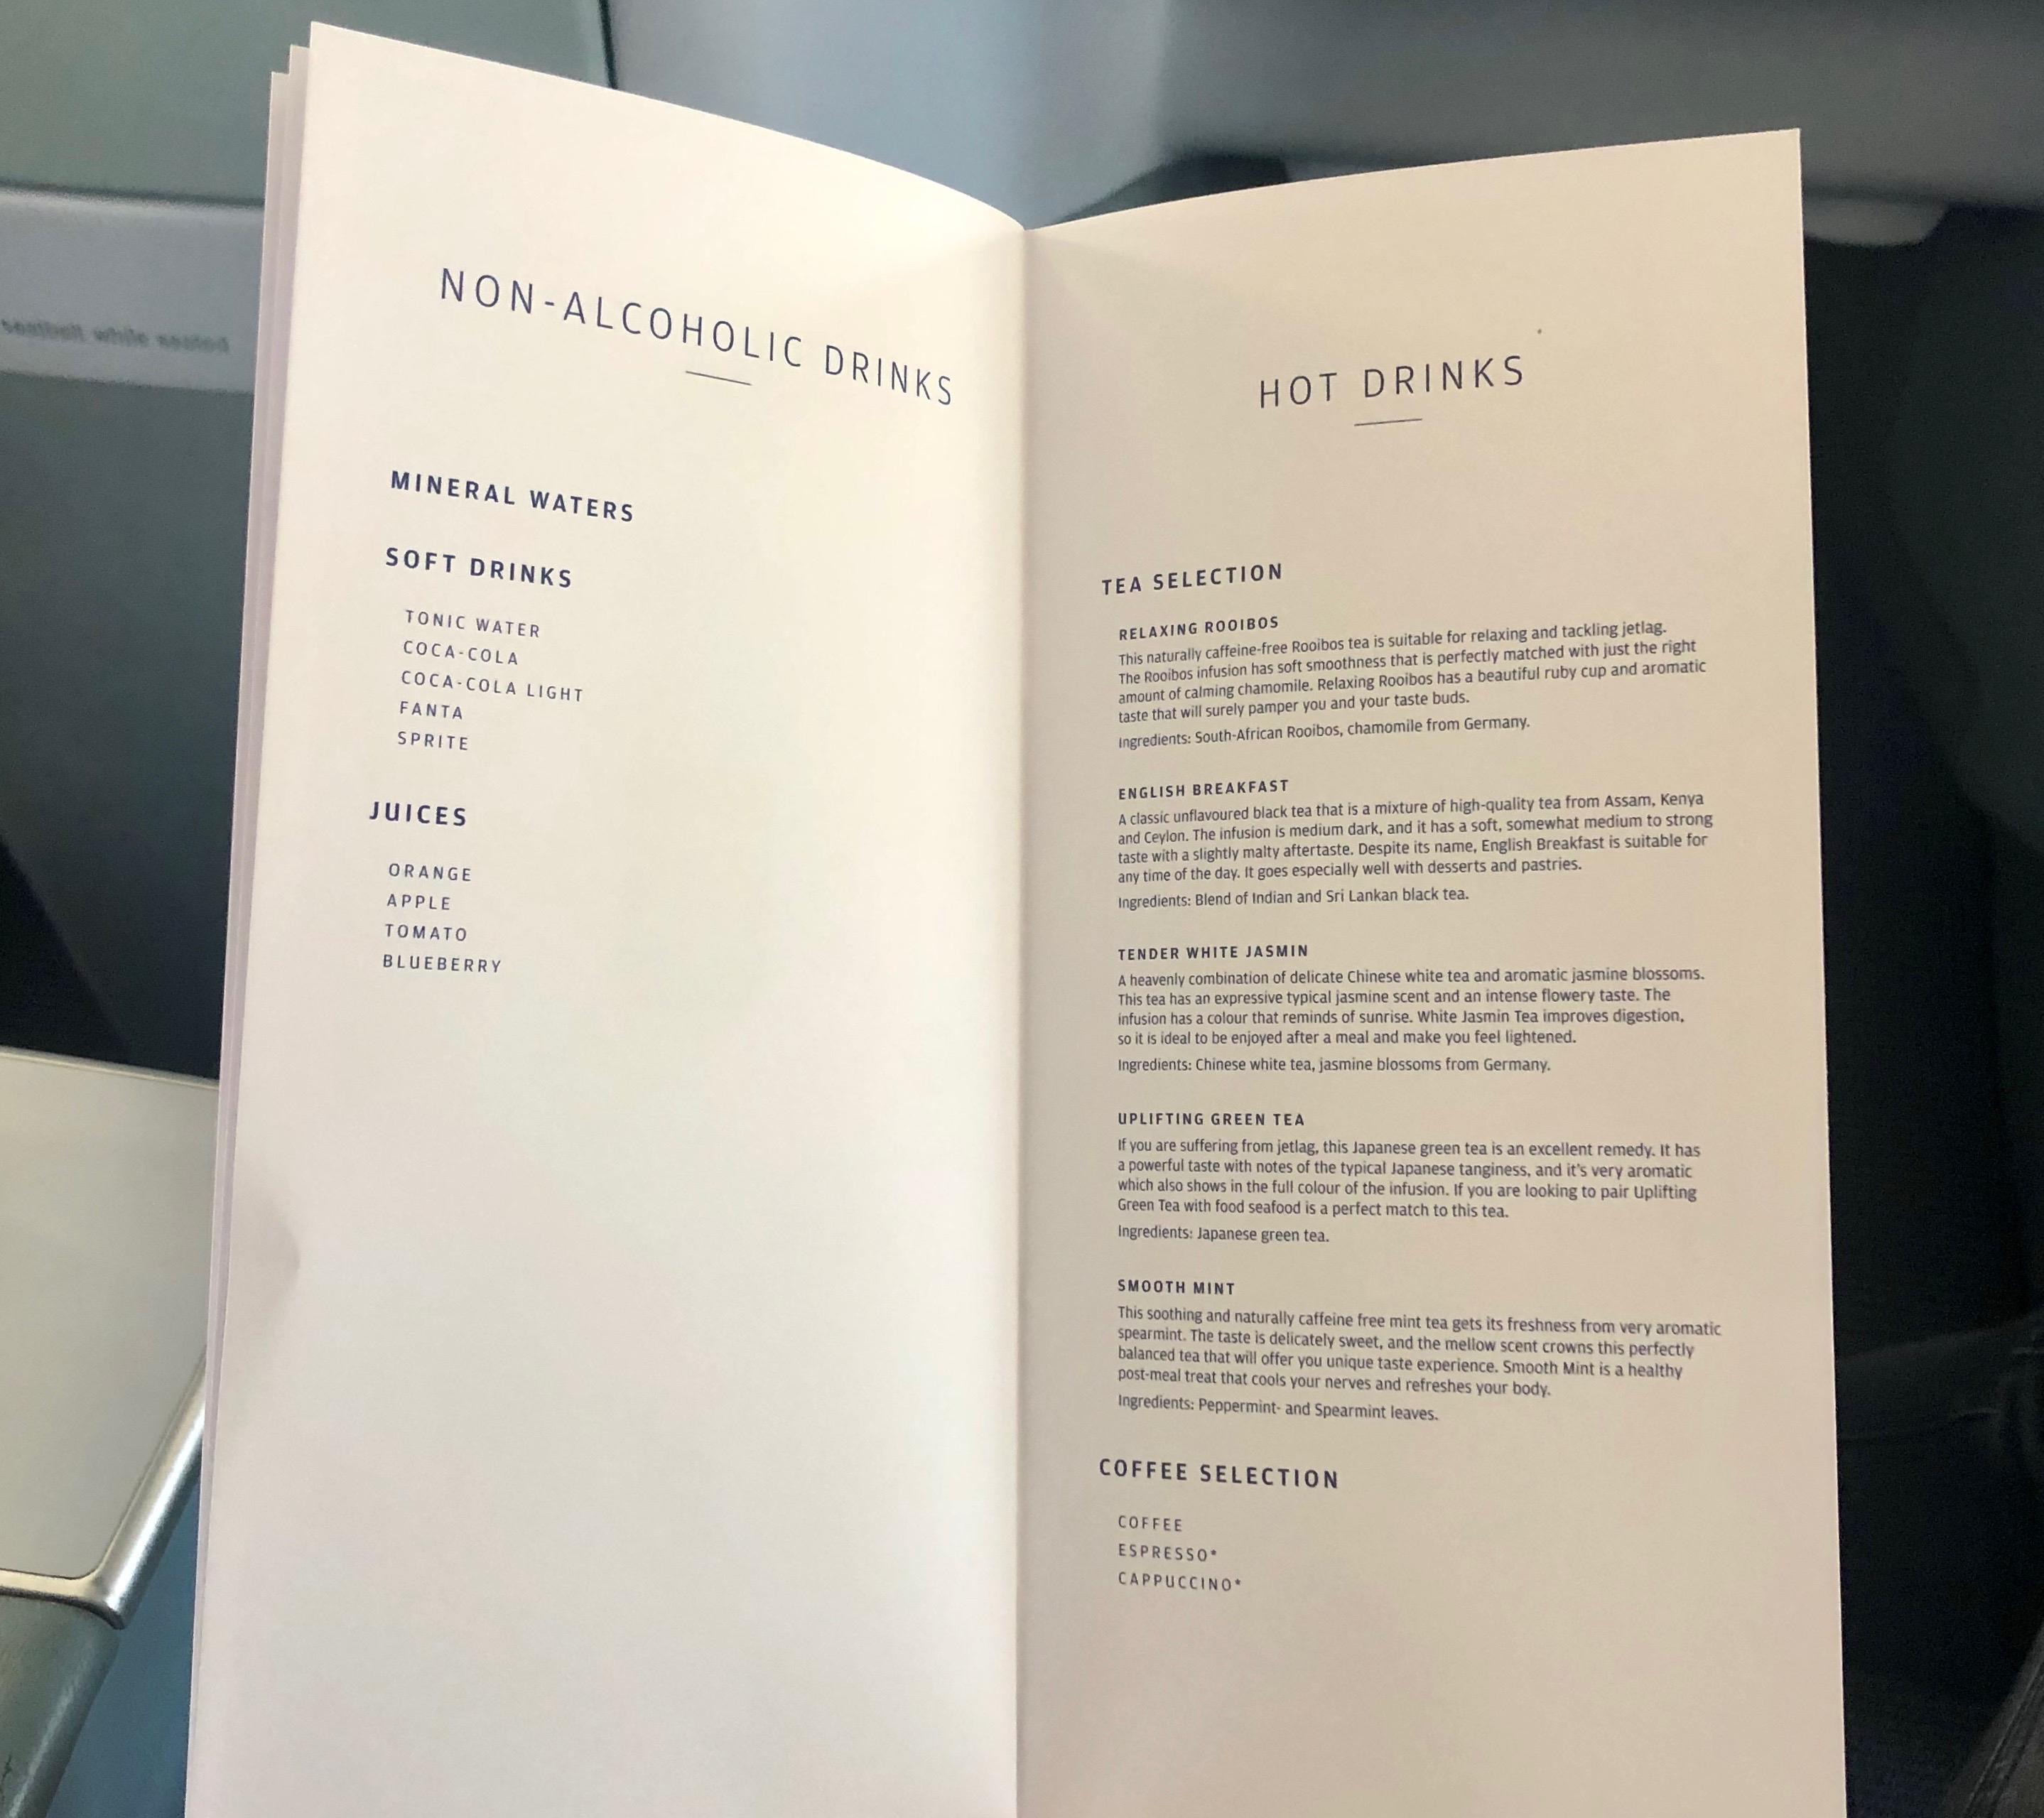 Finnair A330-300 JFK-HEL business class non-alcoholic and hot drink menu